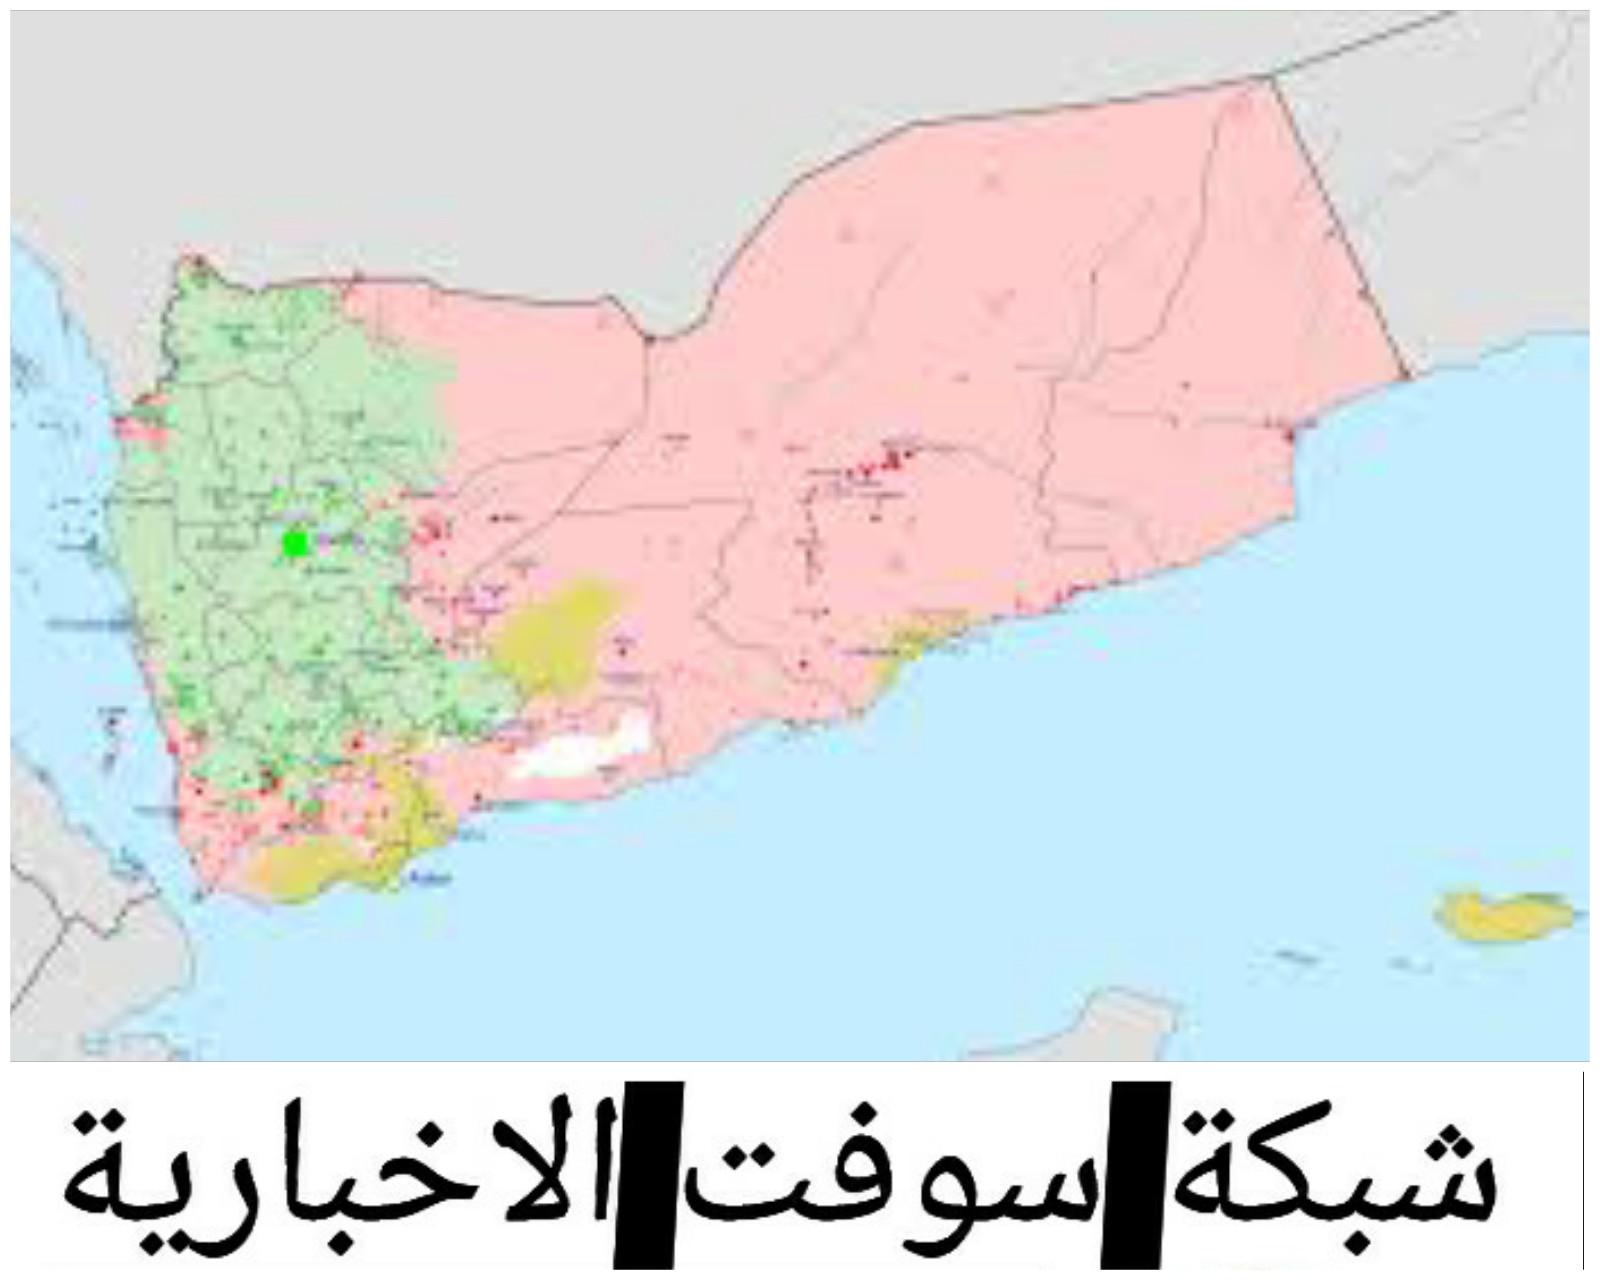 """اخبار اليمن / اجتماع سري بين حركة """"أنصار اللة """" وادارة جو بايدان"""